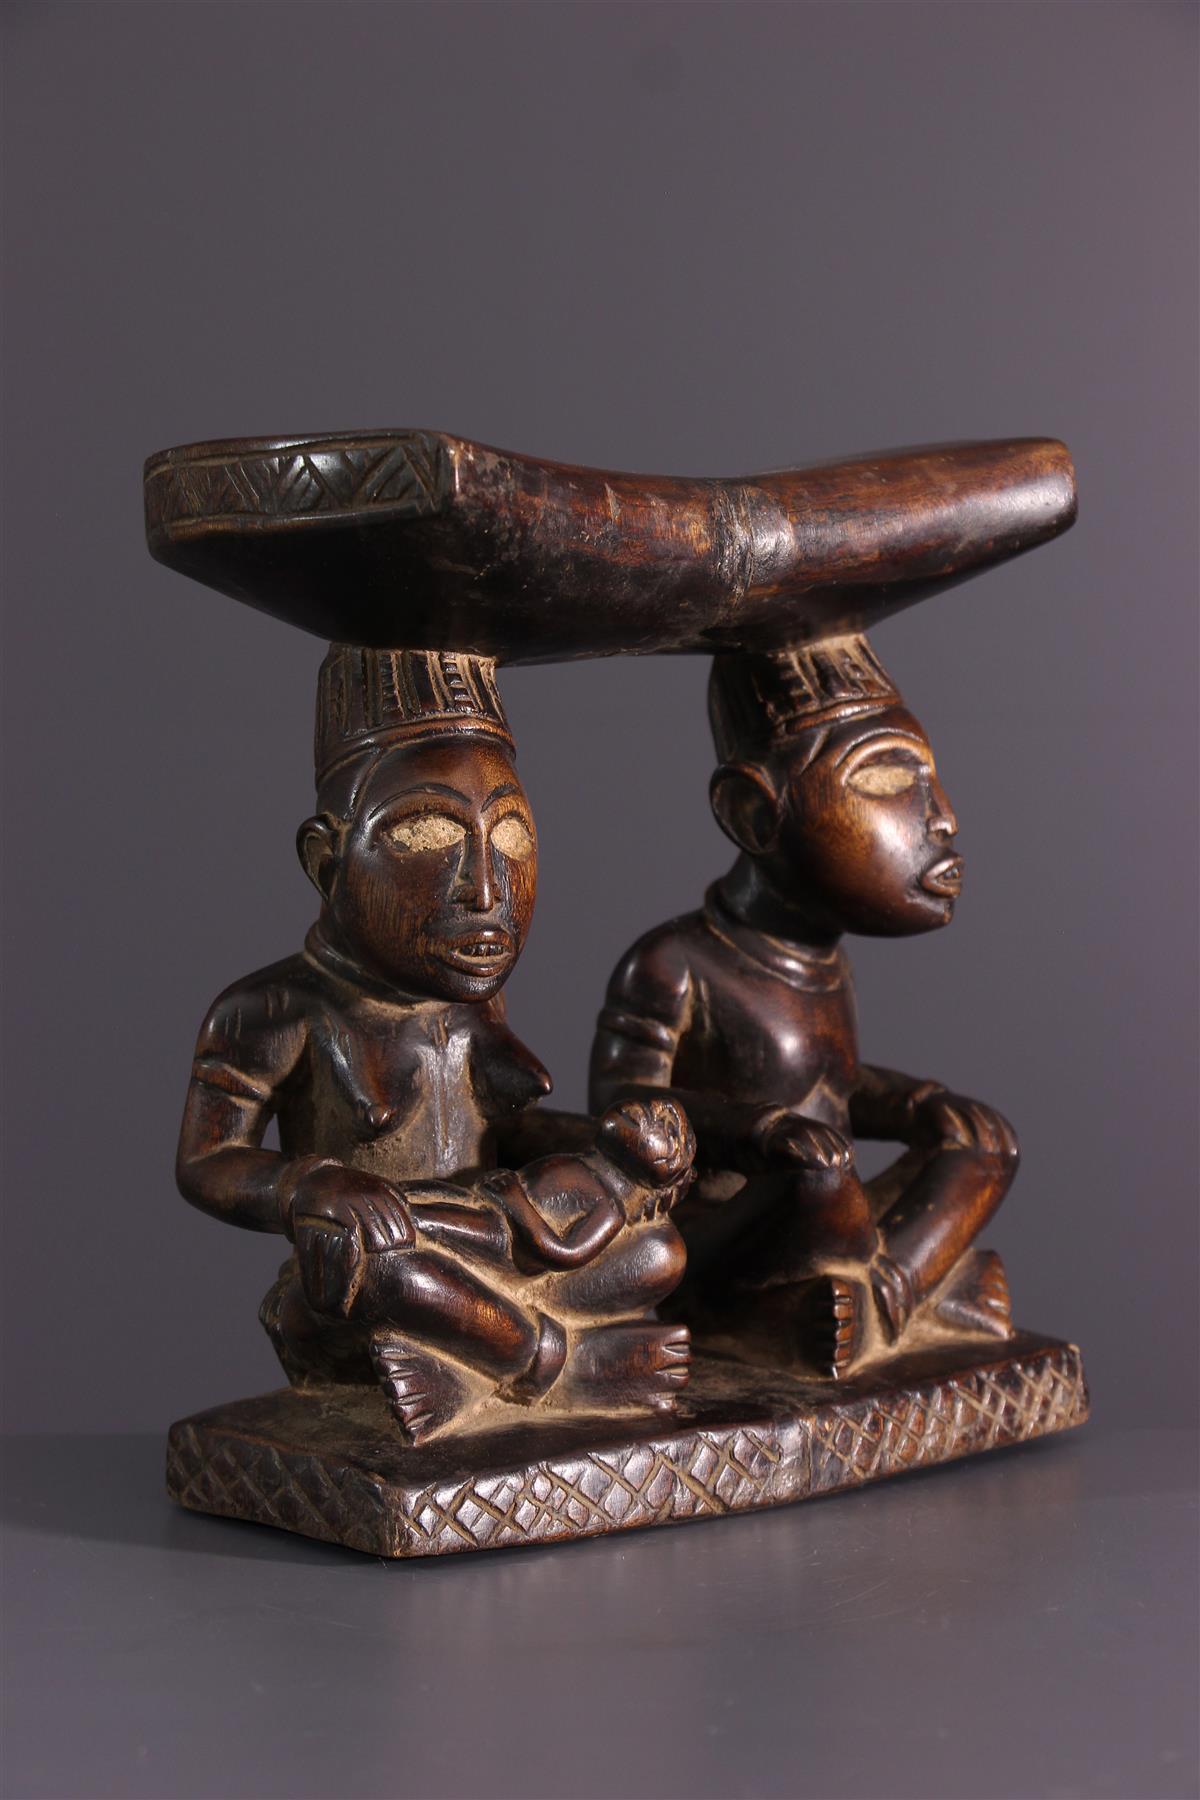 Kongo neck press - African art